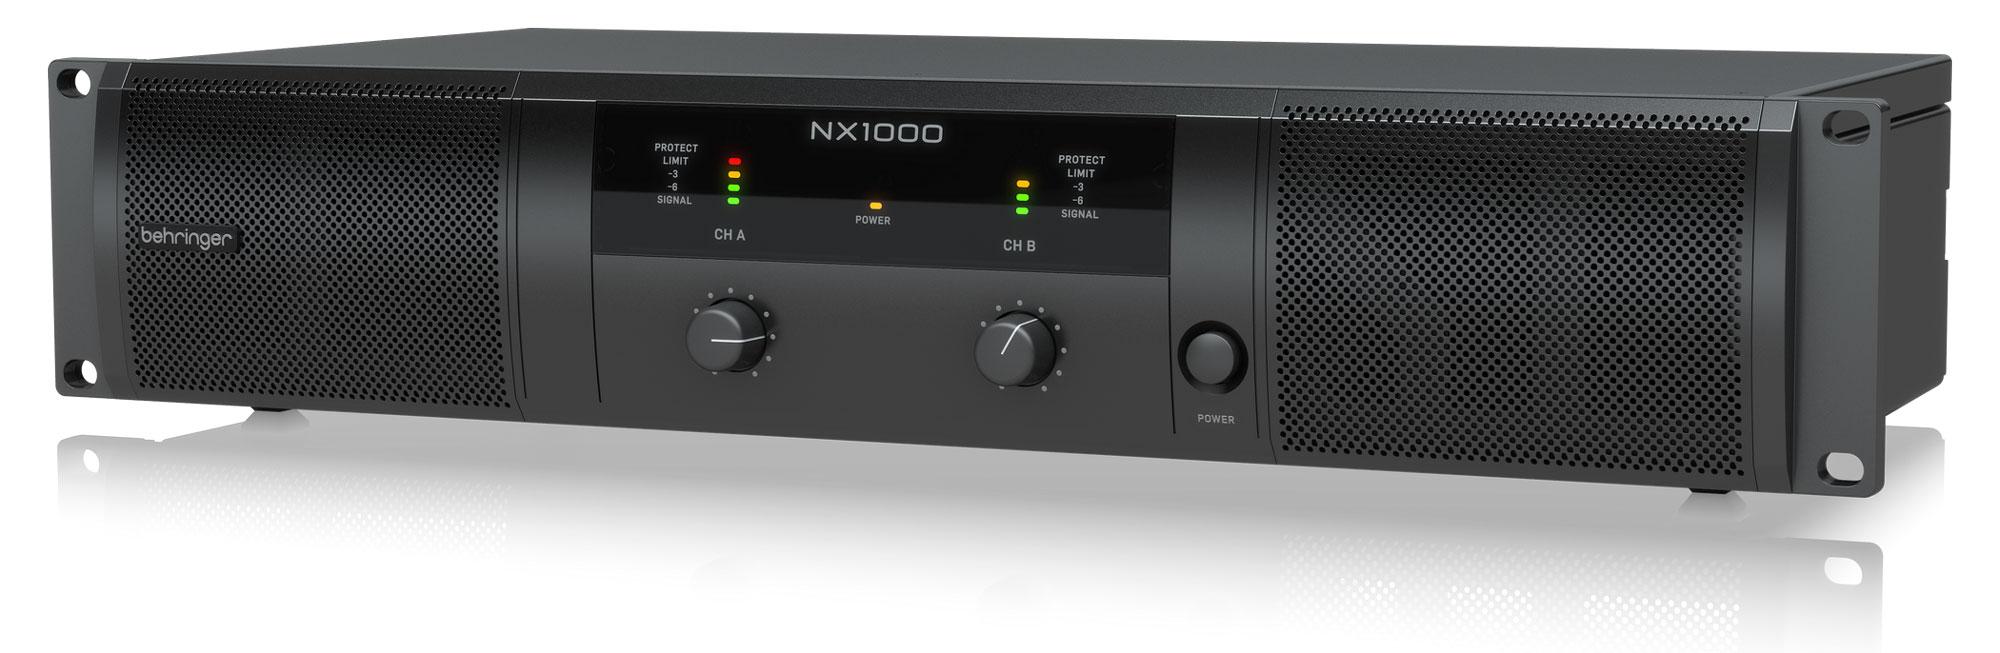 Paendstufen - Behringer NX1000 Endstufe Retoure (Zustand sehr gut) - Onlineshop Musikhaus Kirstein